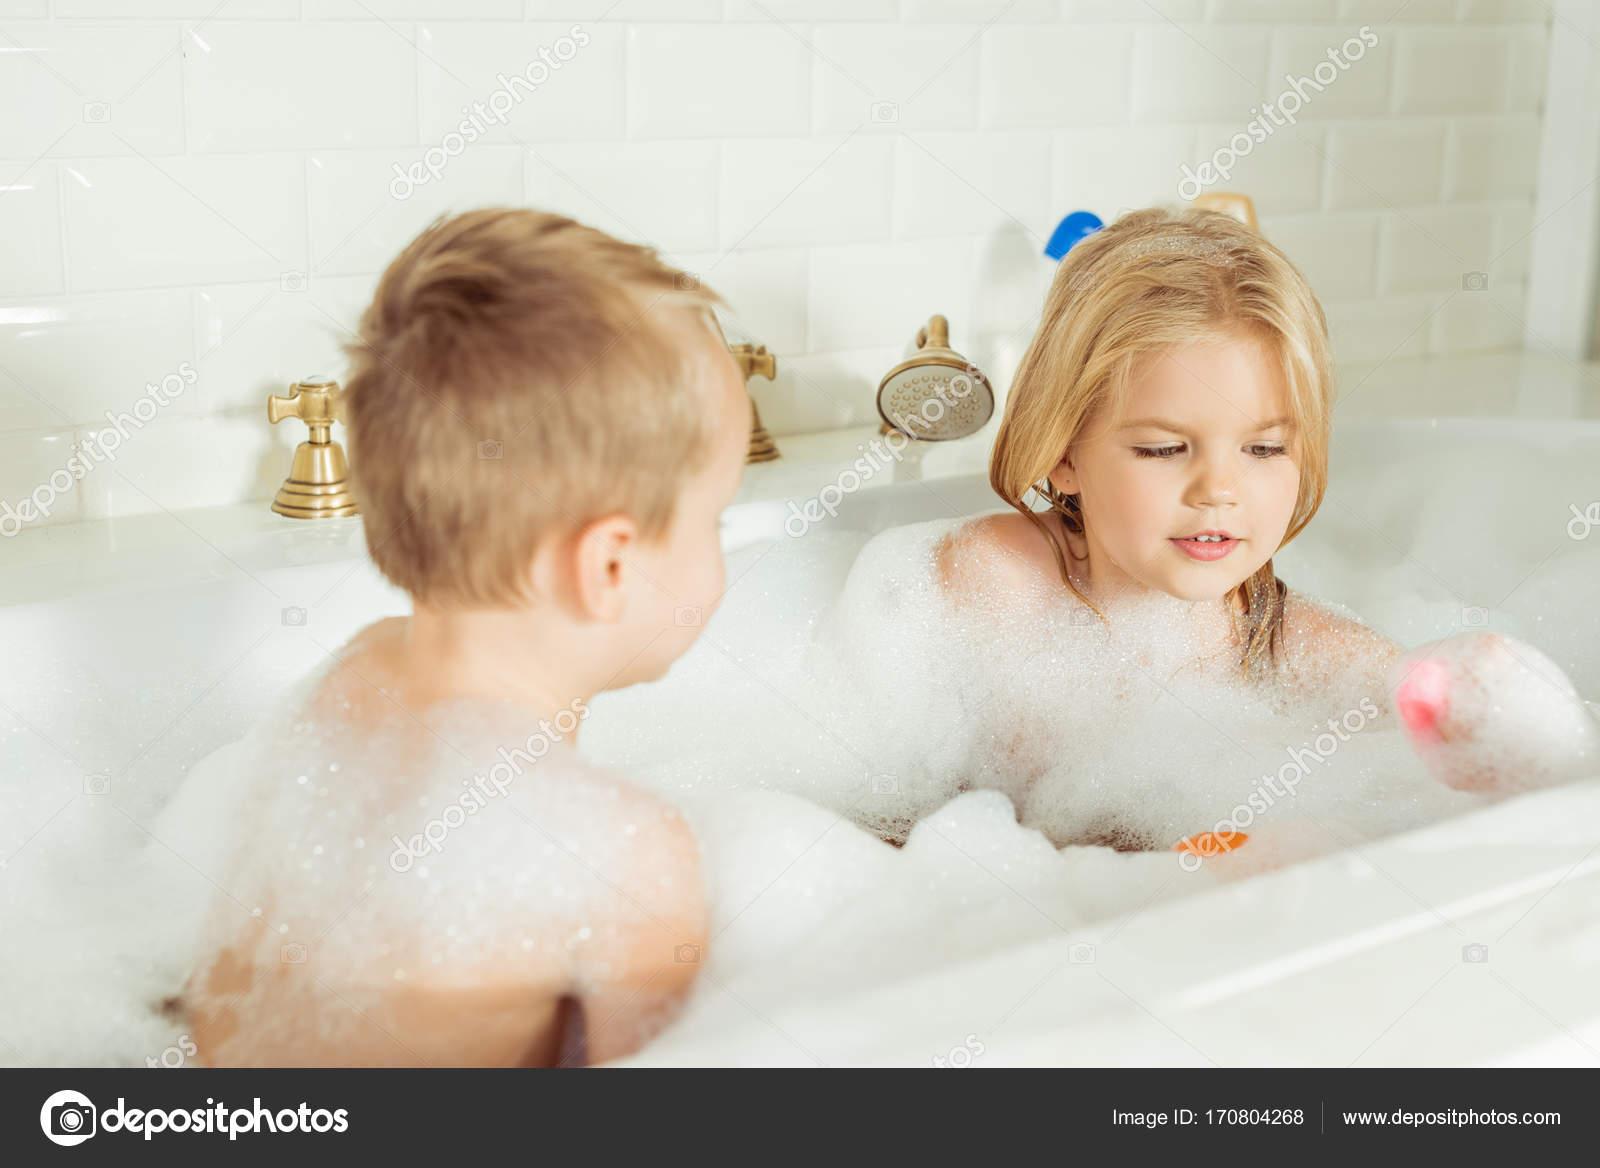 Сестра с братом купаются фото, Брат трахнул сестрицу в попку и другие порно фото 14 фотография